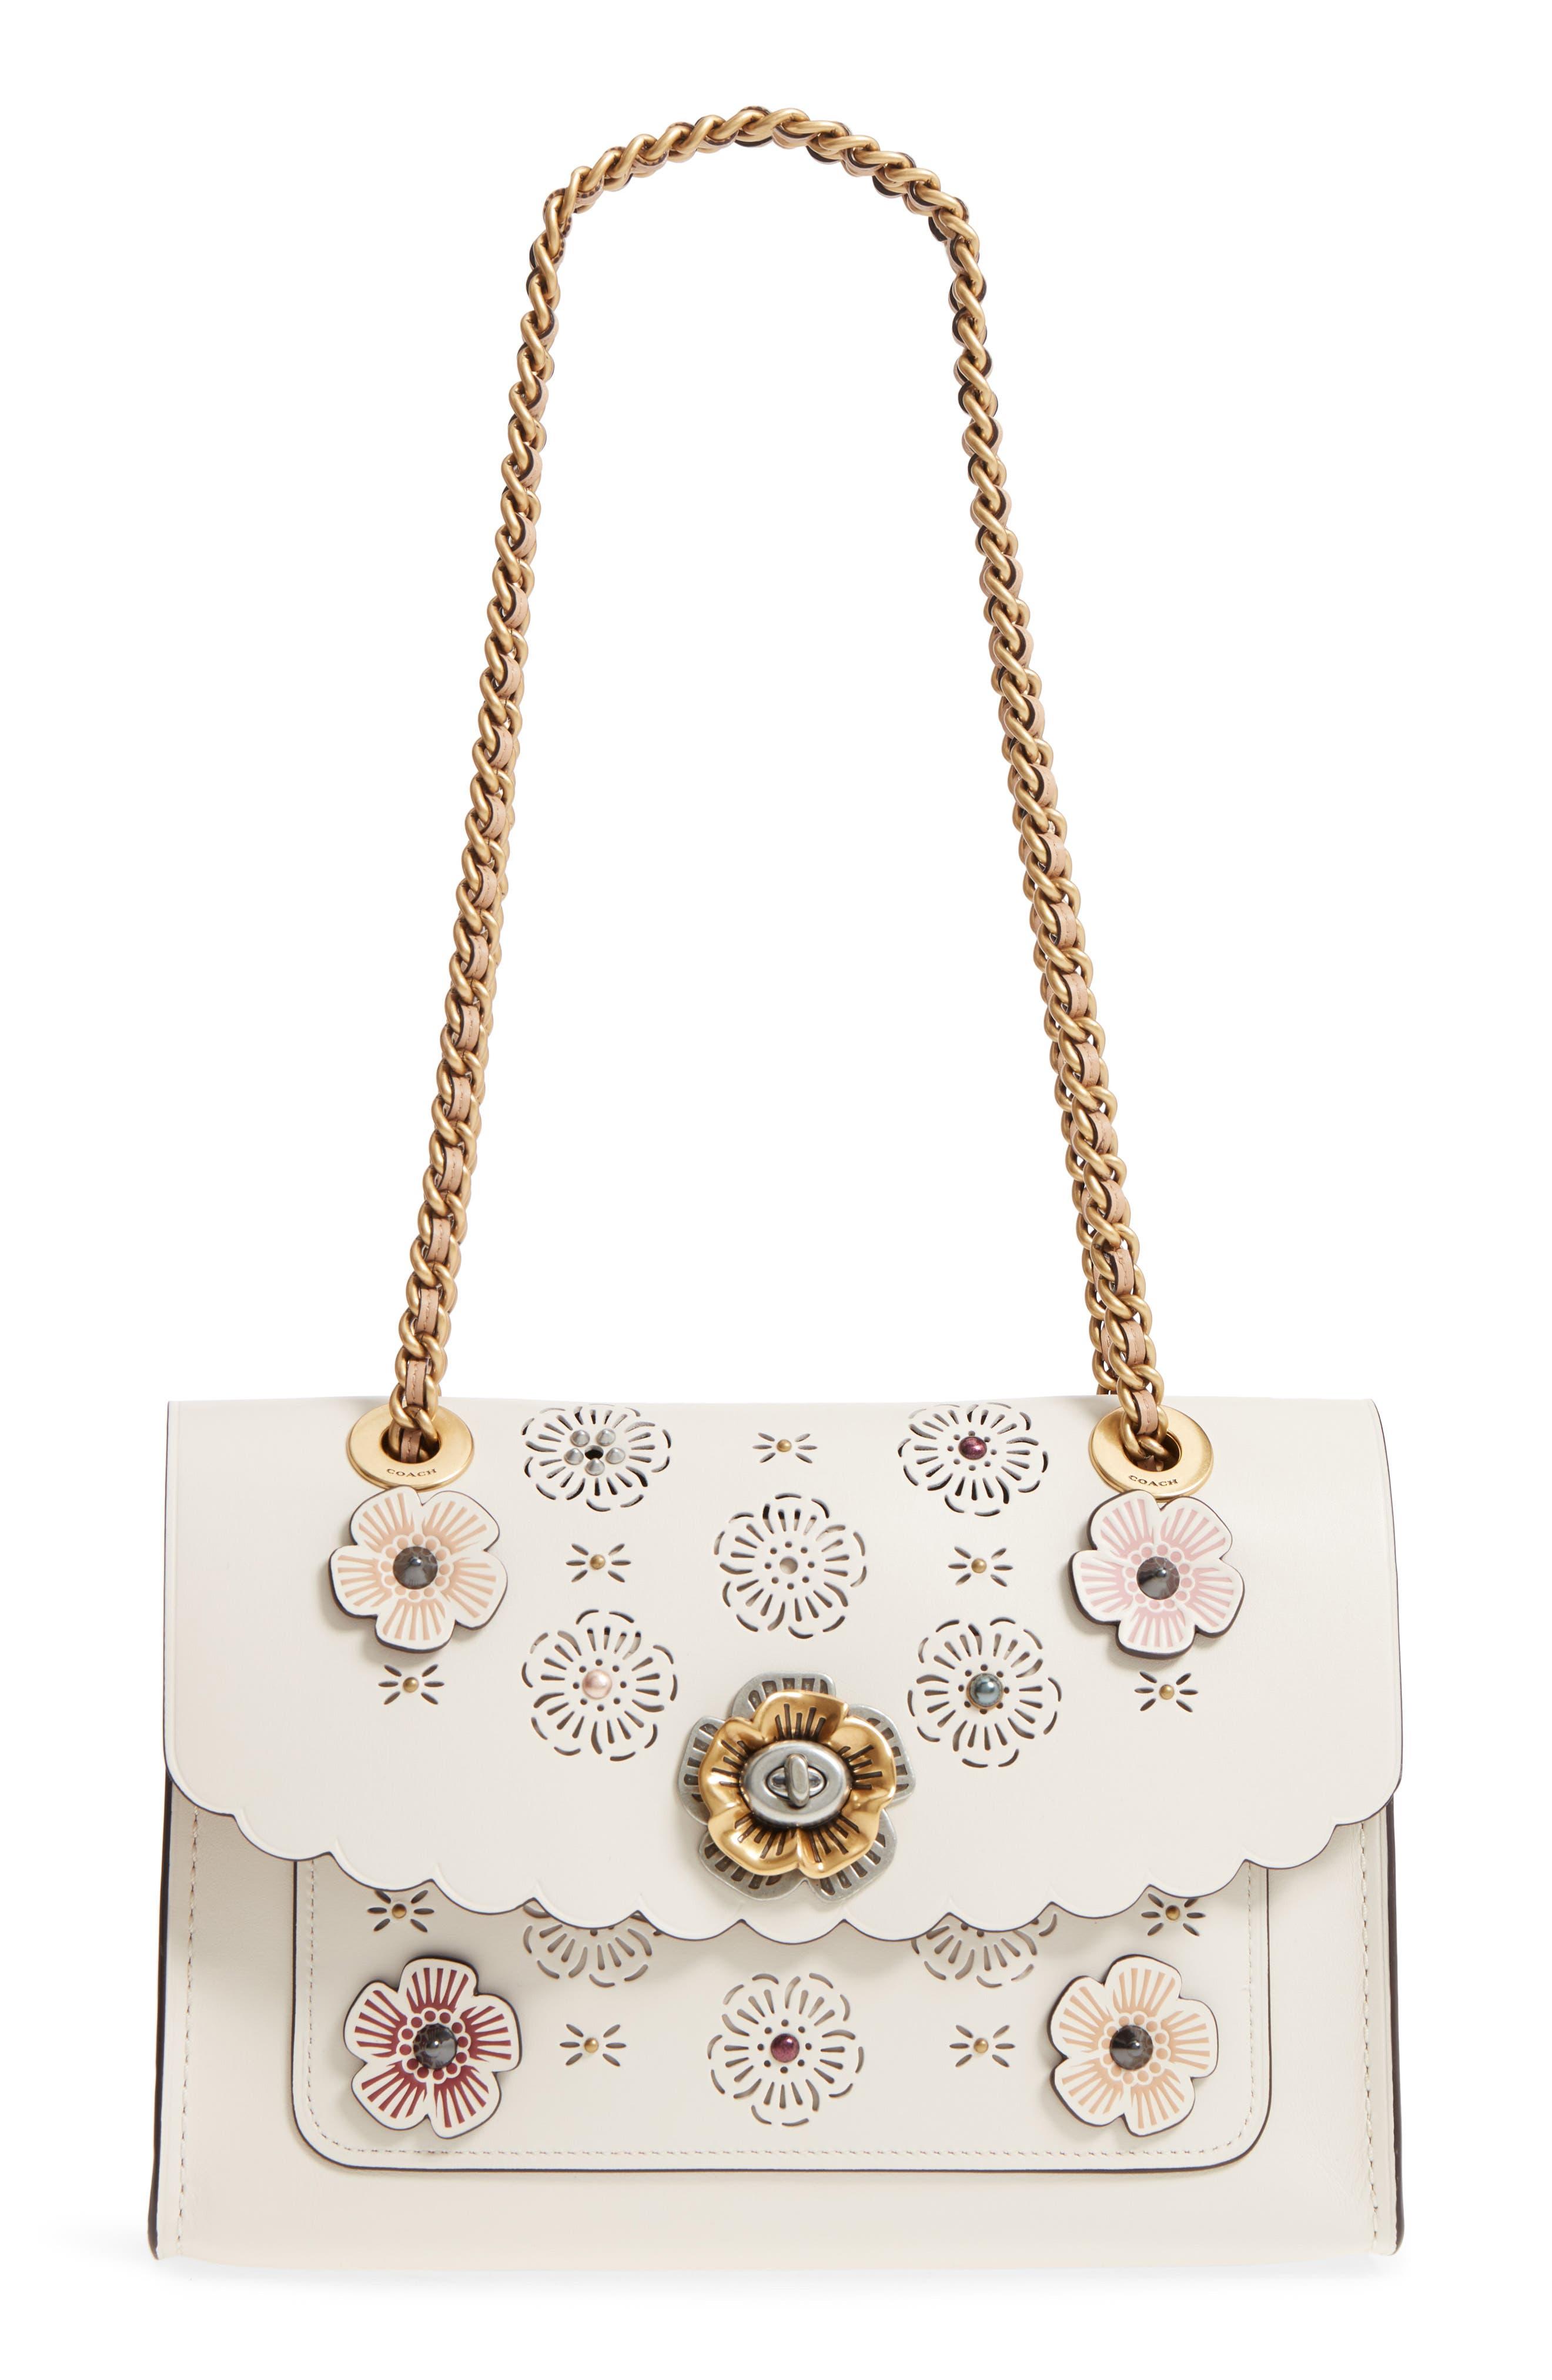 Parker Floral Embellished Leather Shoulder Bag,                         Main,                         color, Chalk Multi